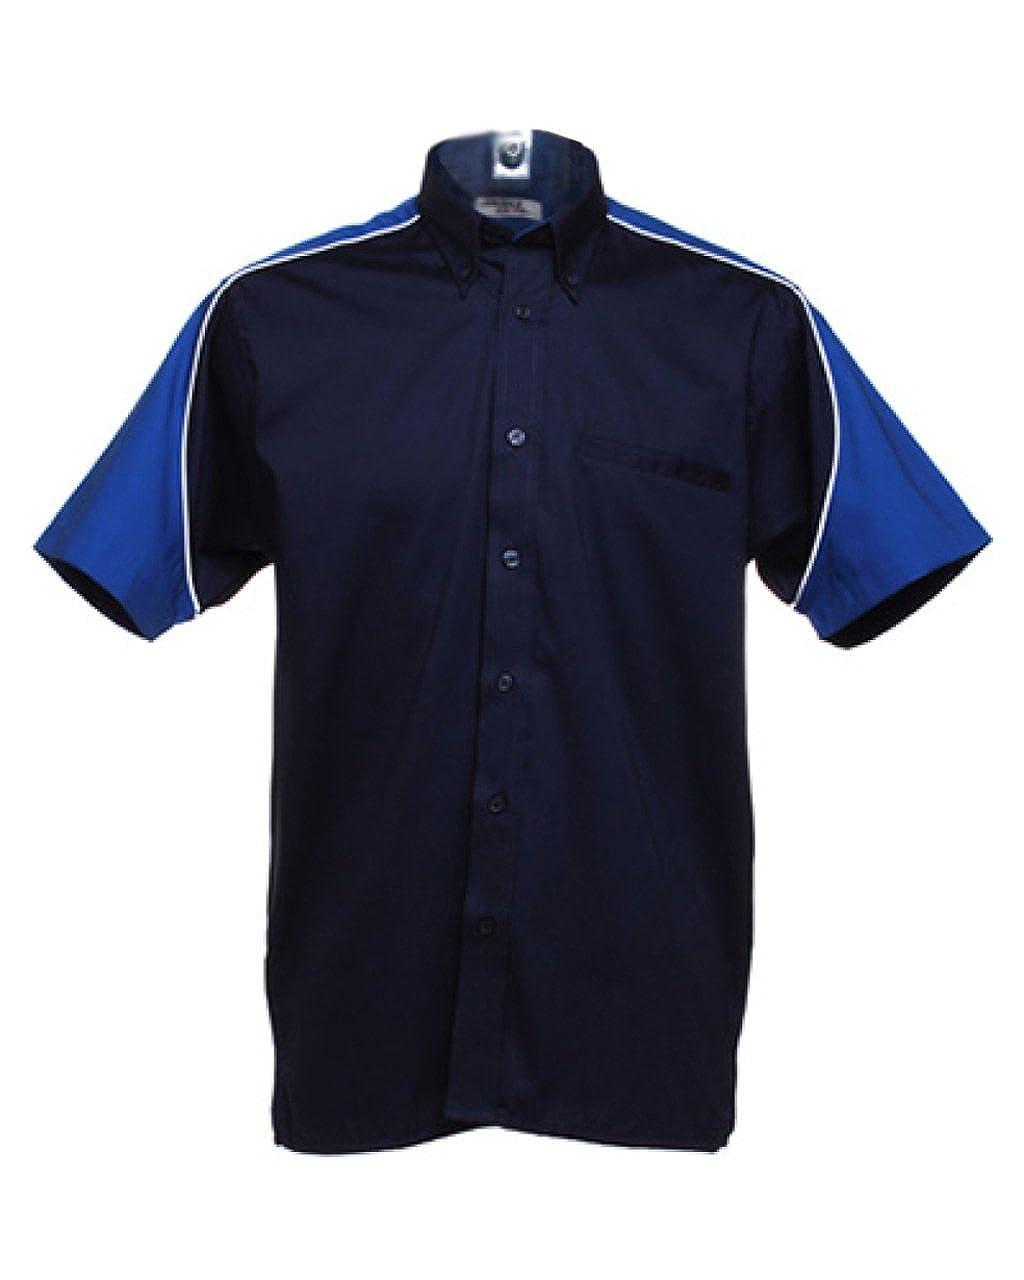 Damen Poloshirt Kragen Shirt Berufsbekleidung Pikee T-Shirt Gr S 36//38